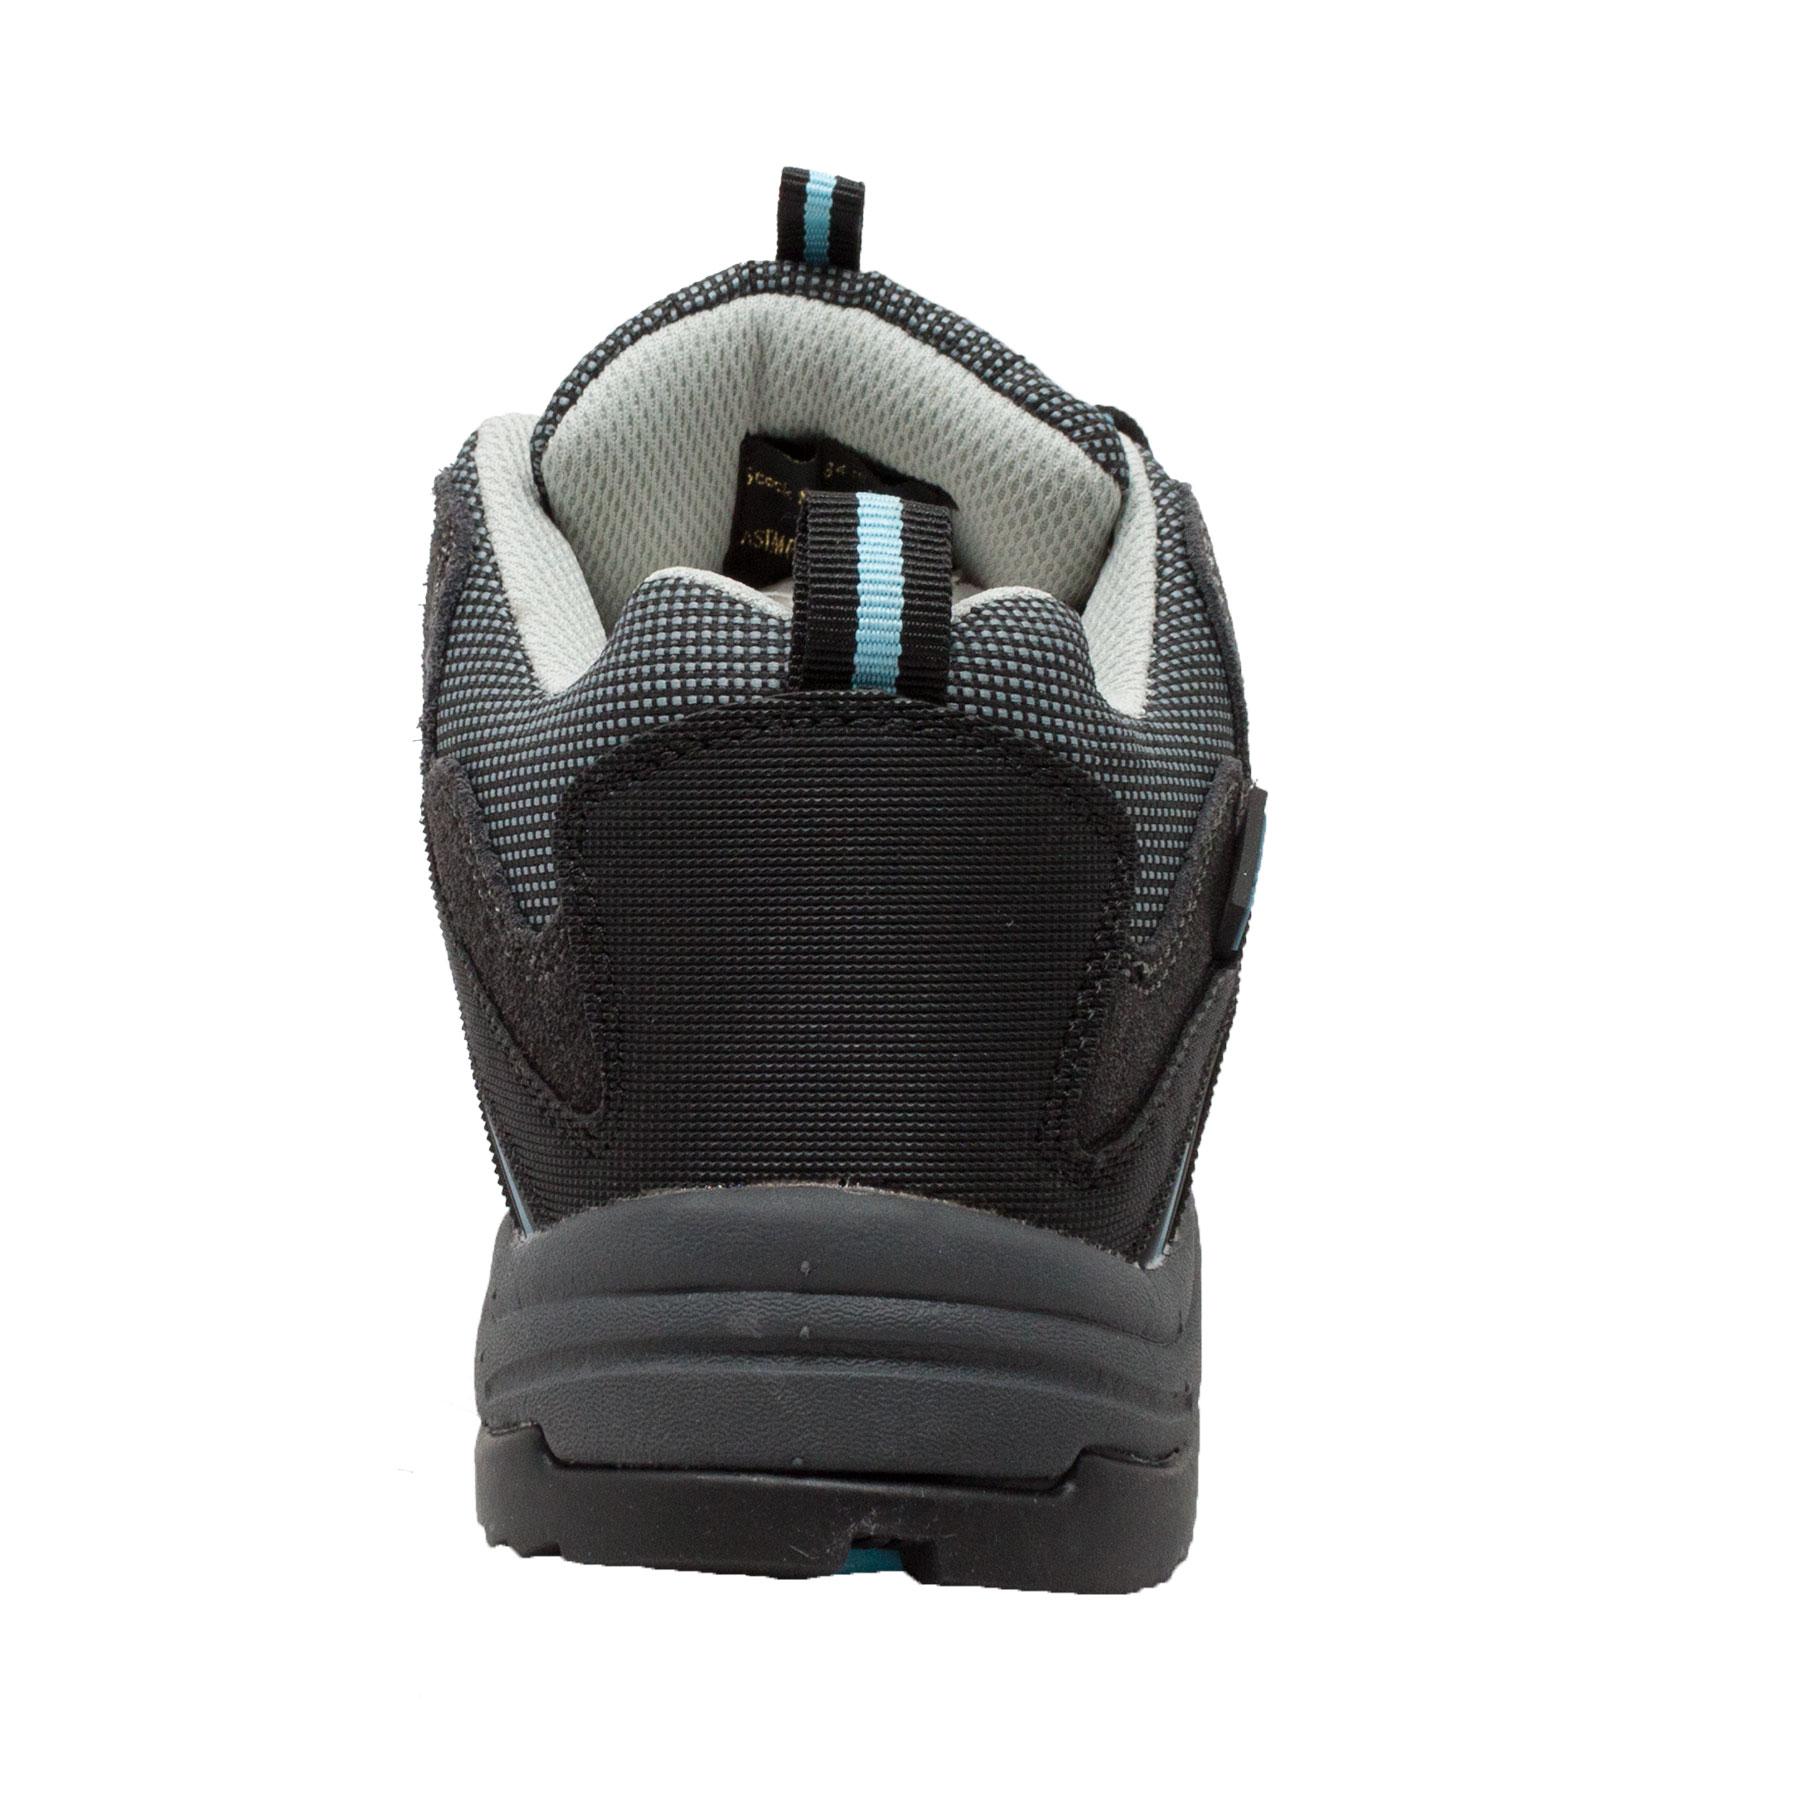 Women's Leather Low Cut Steel Toe Hiker Black, Size Size Size - 6 e182fd